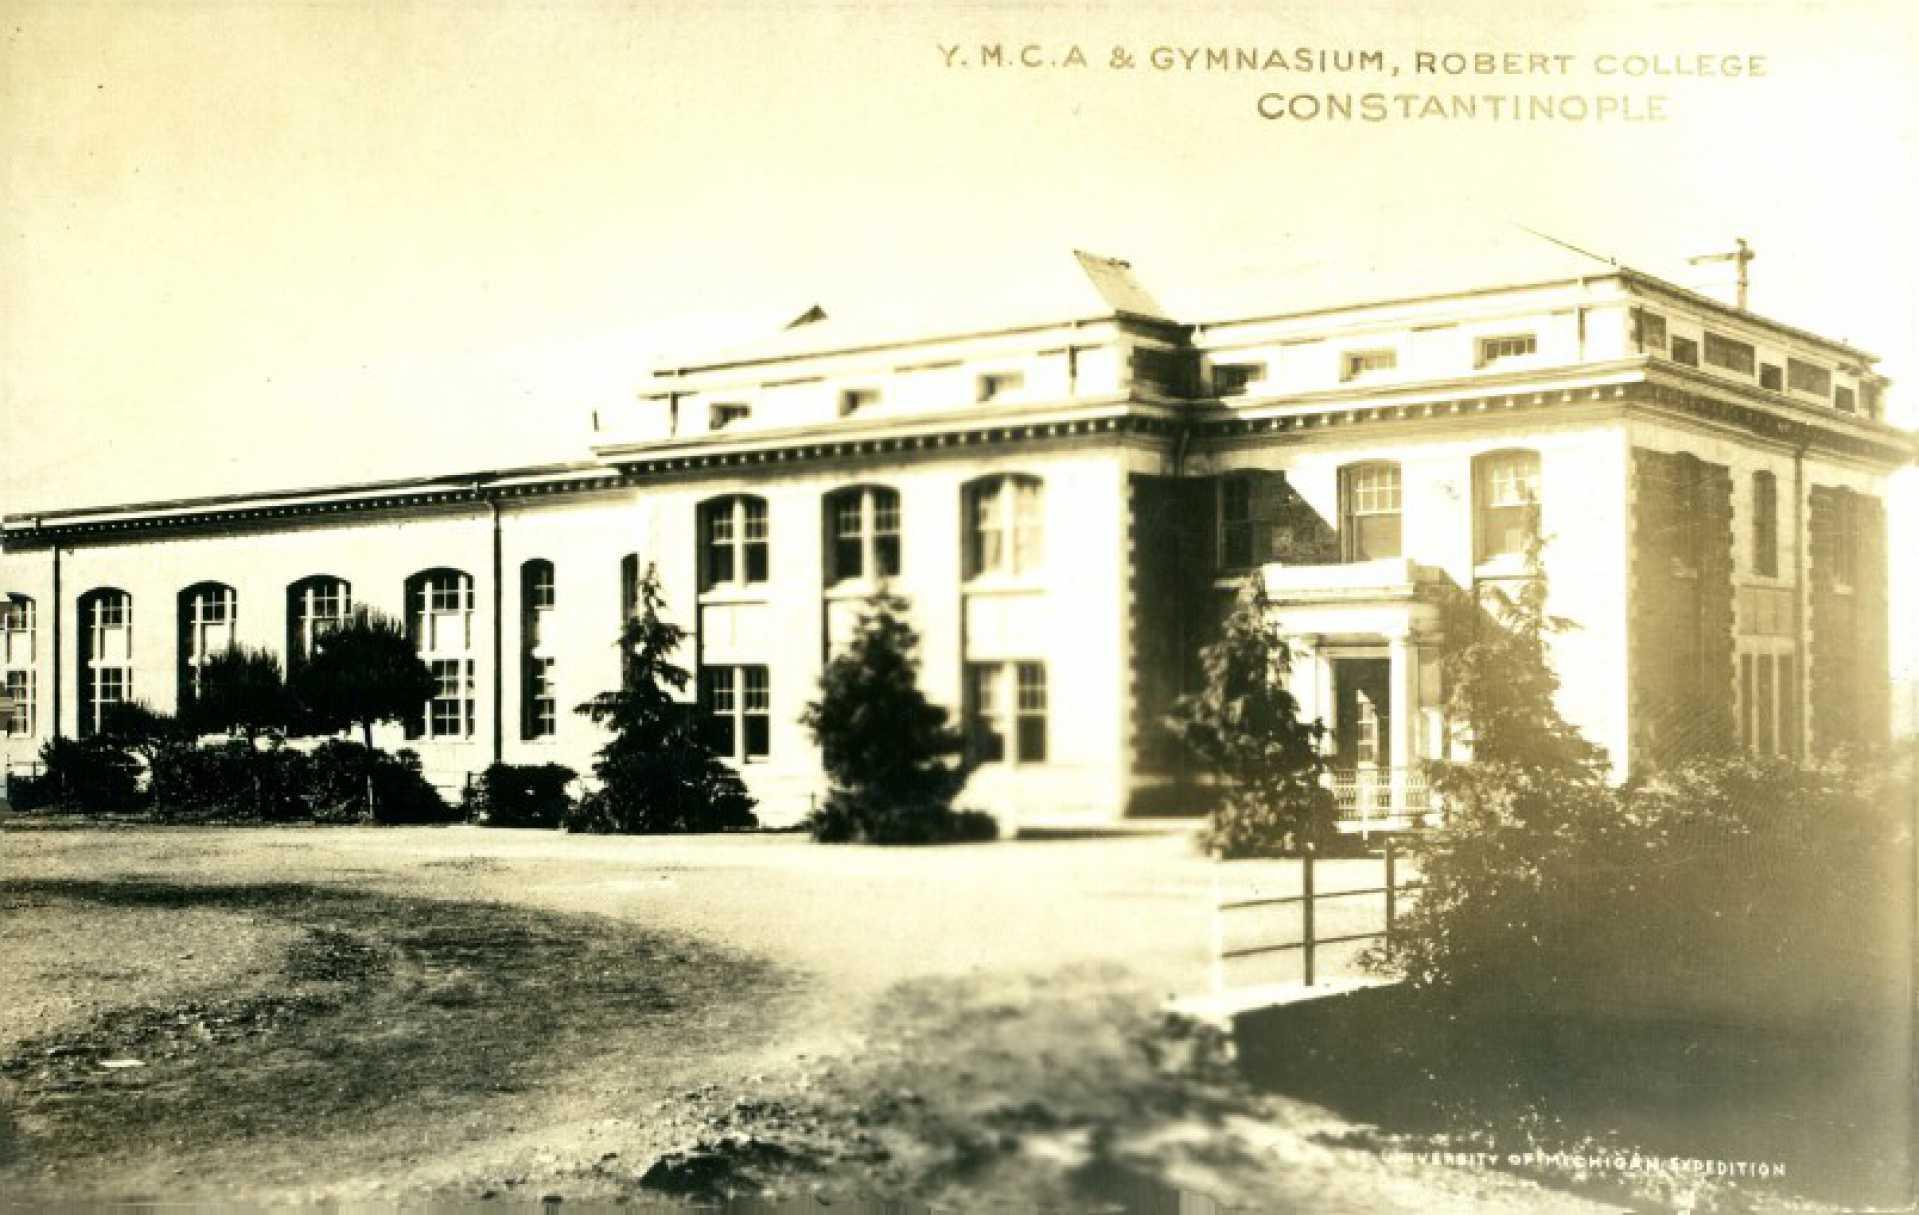 Y.M.C.A. & Gymnasium. Robert College Constantinople